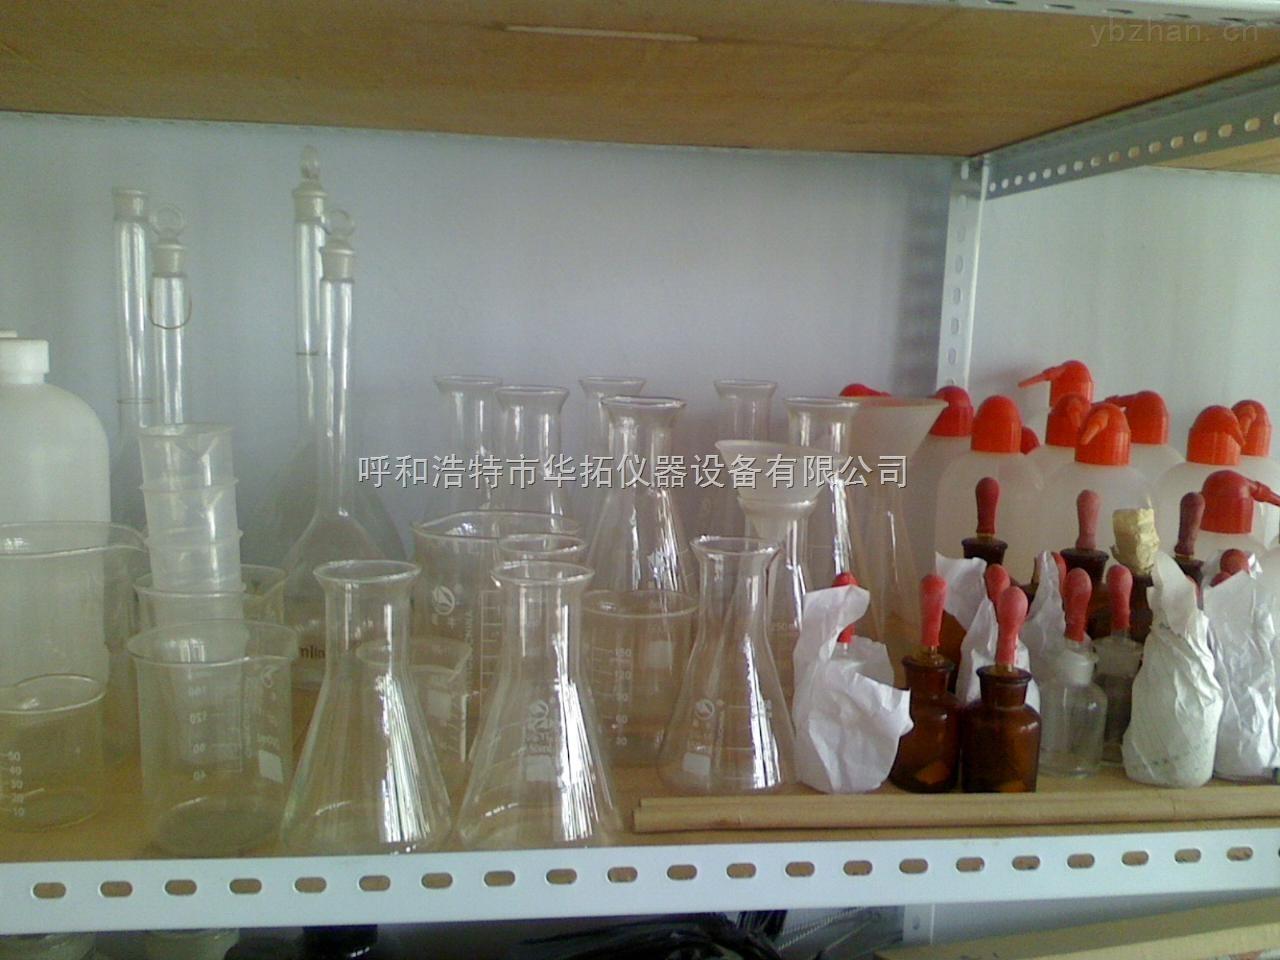 烧杯量筒玻璃器皿系列